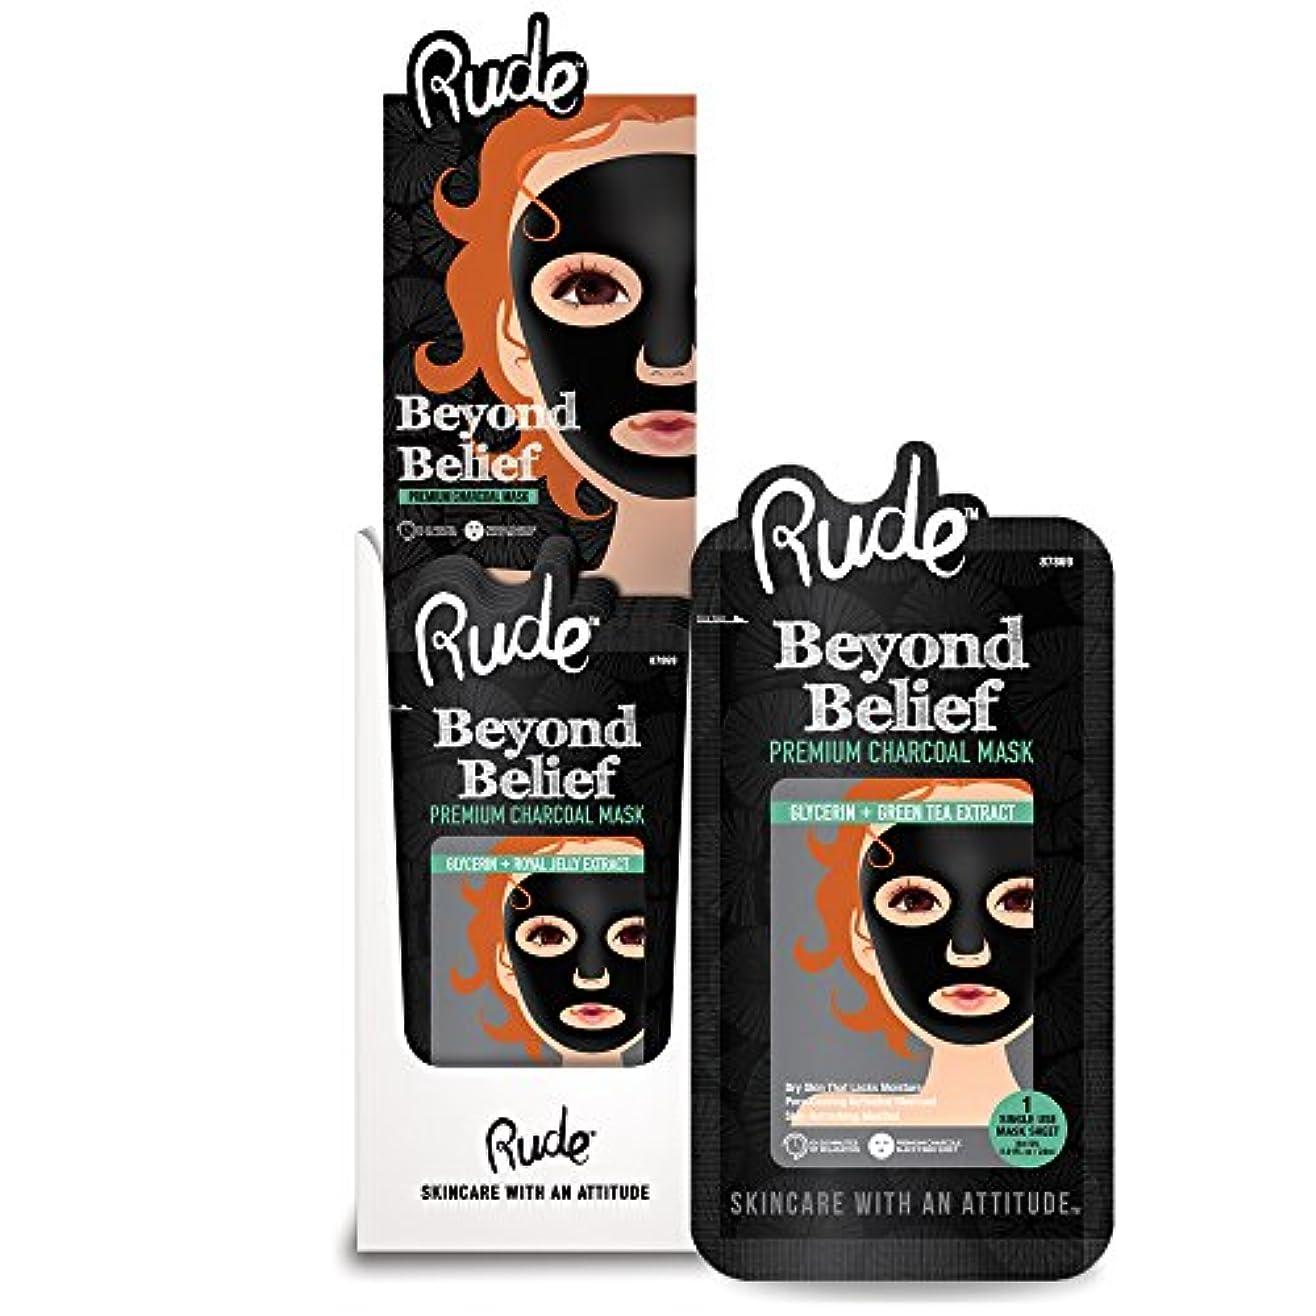 通信網かりておっとRUDE Beyond Belief Purifying Charcoal Mask Display Set, 36 Pieces (並行輸入品)